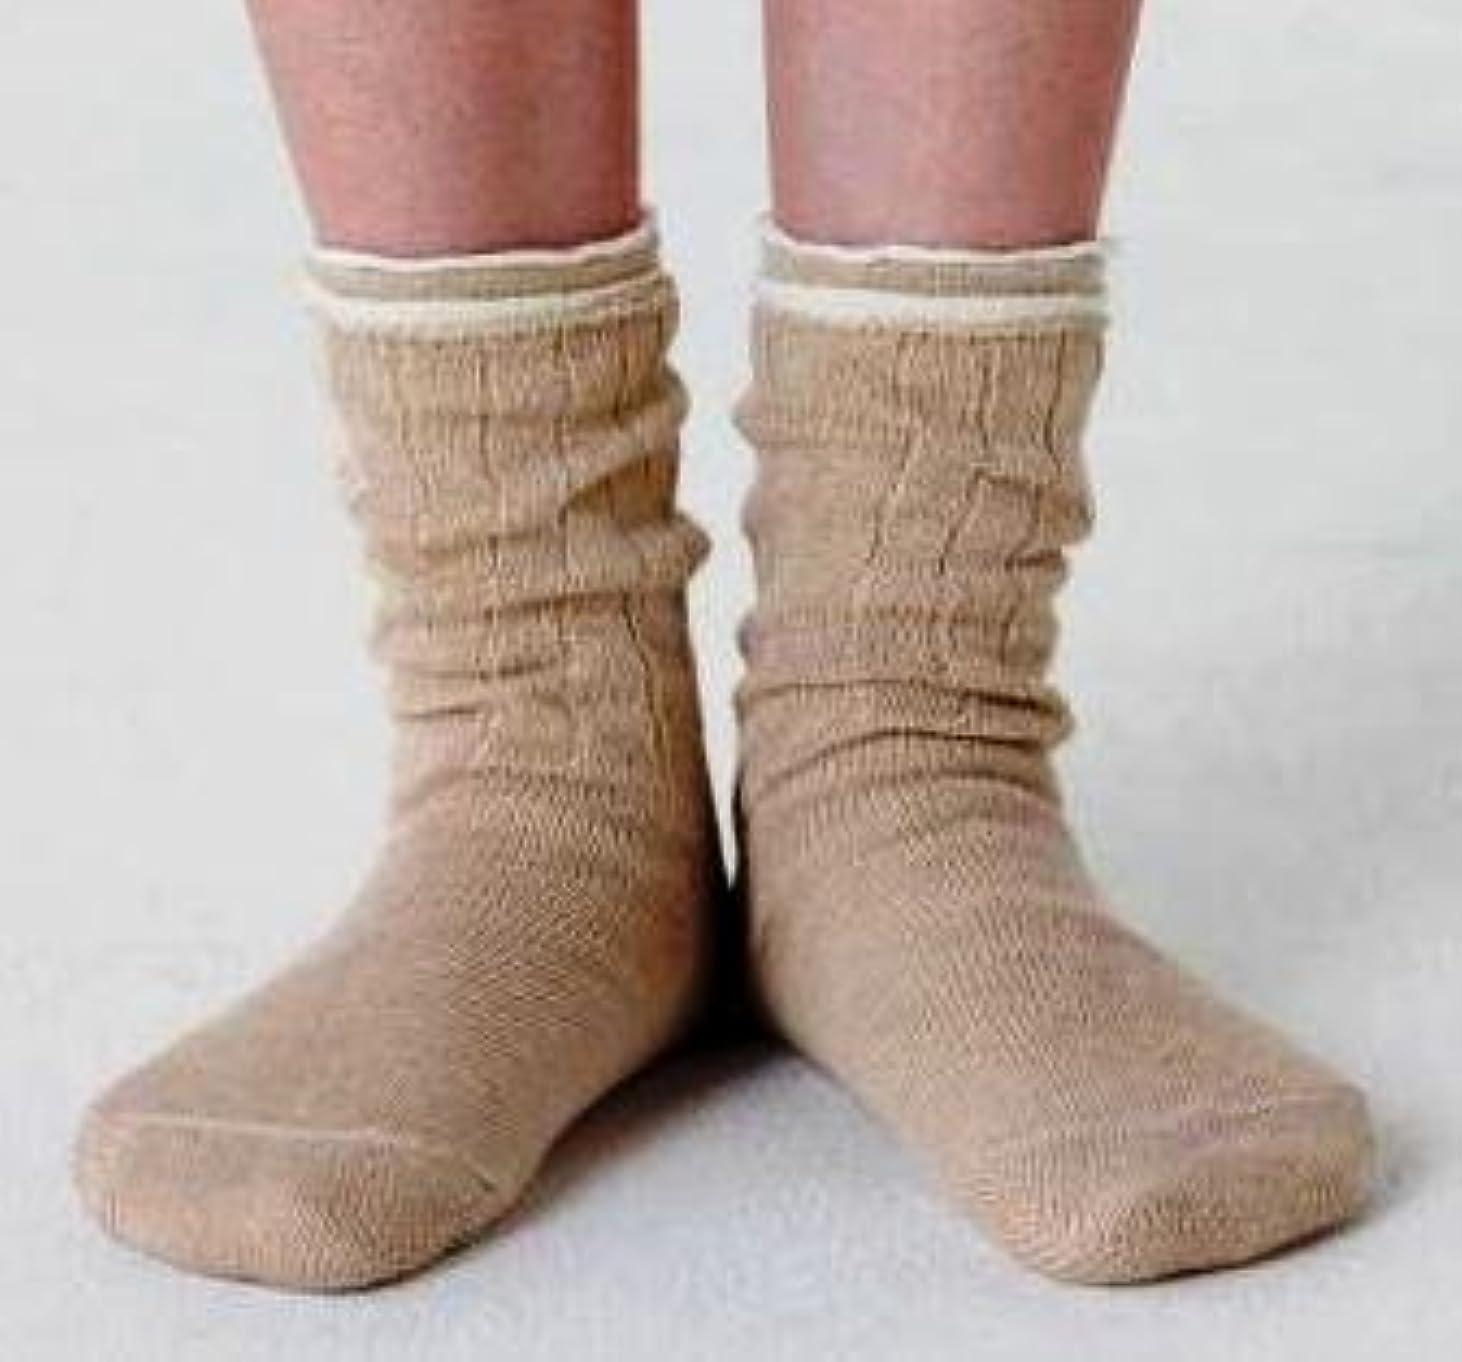 シャットロッド爪冷え取り靴下 4枚重ね履きソックス(絹?綿?絹?綿) Lサイズ:25~27cm